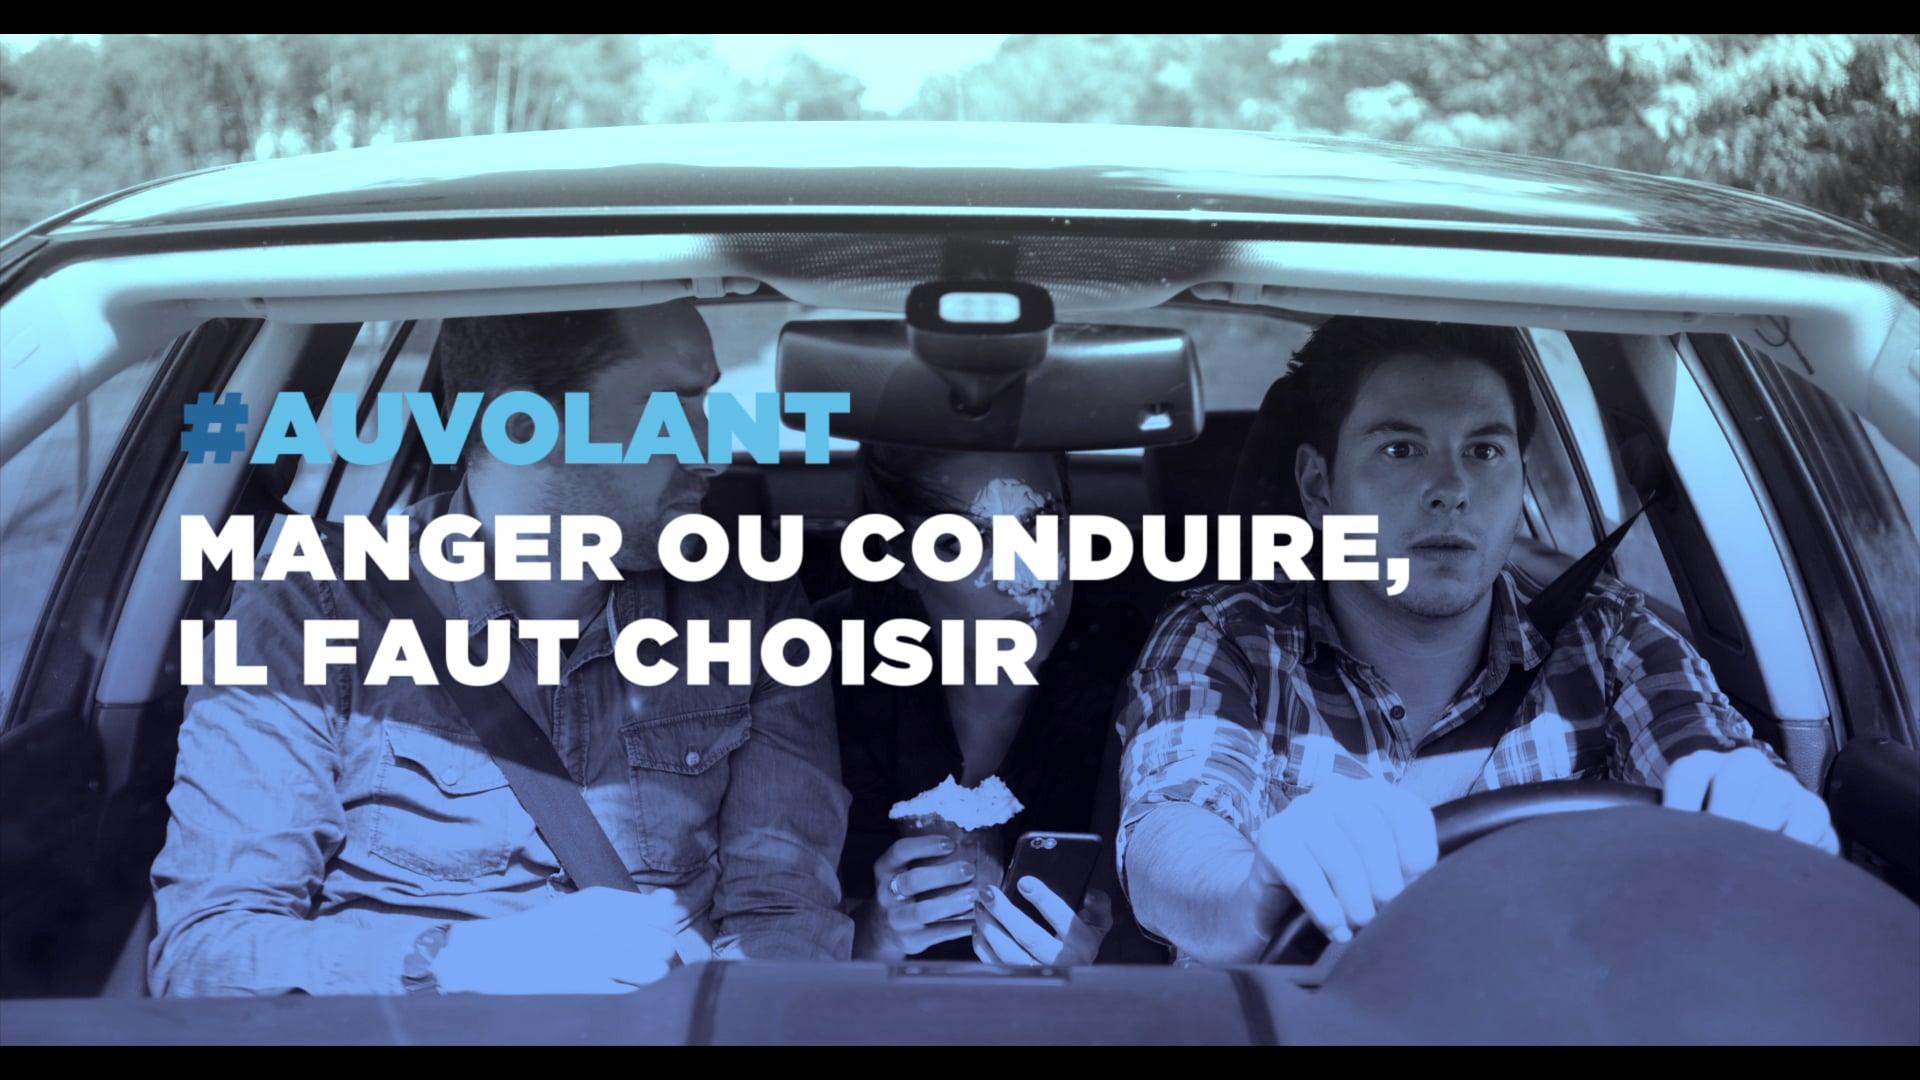 """Bâloise Assurances - webserie """"#AuVolant"""" - 19 épisodes"""